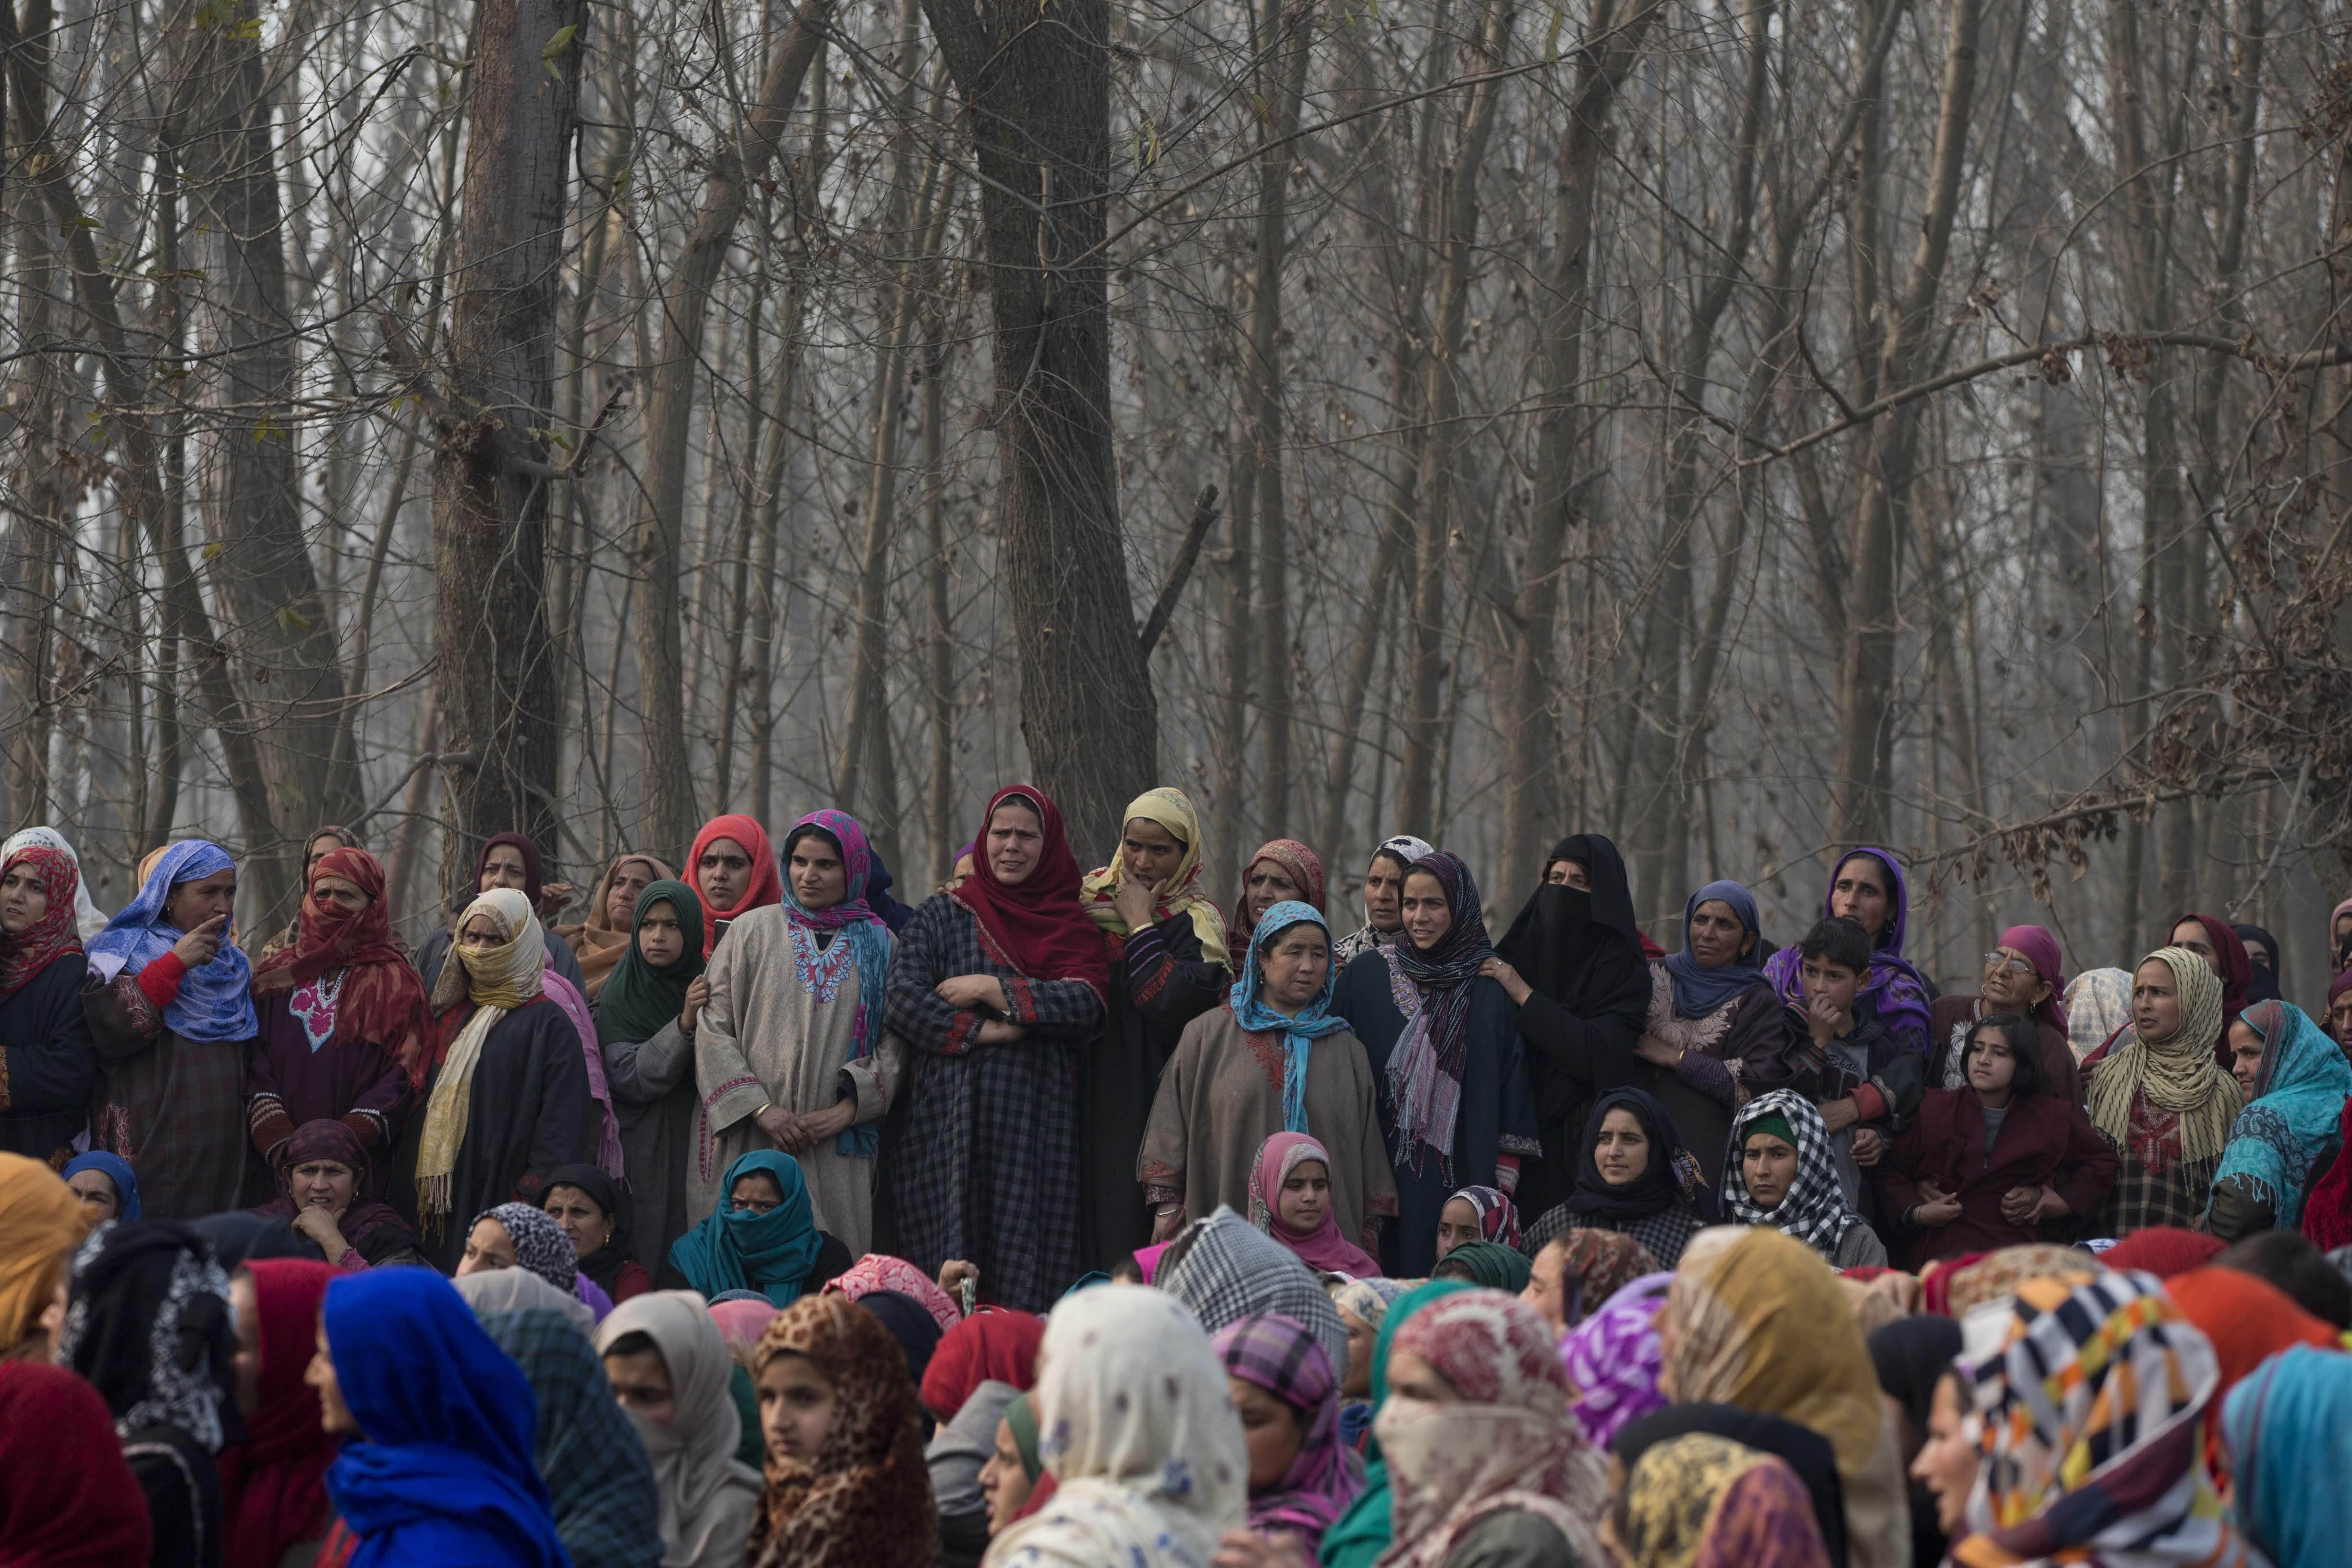 काश्मीर सीमेजवळ झालेल्या चकमकीत भारतीय सुरक्षा दलानं ६ संशयित घुसखोरांचा खात्मा केला.